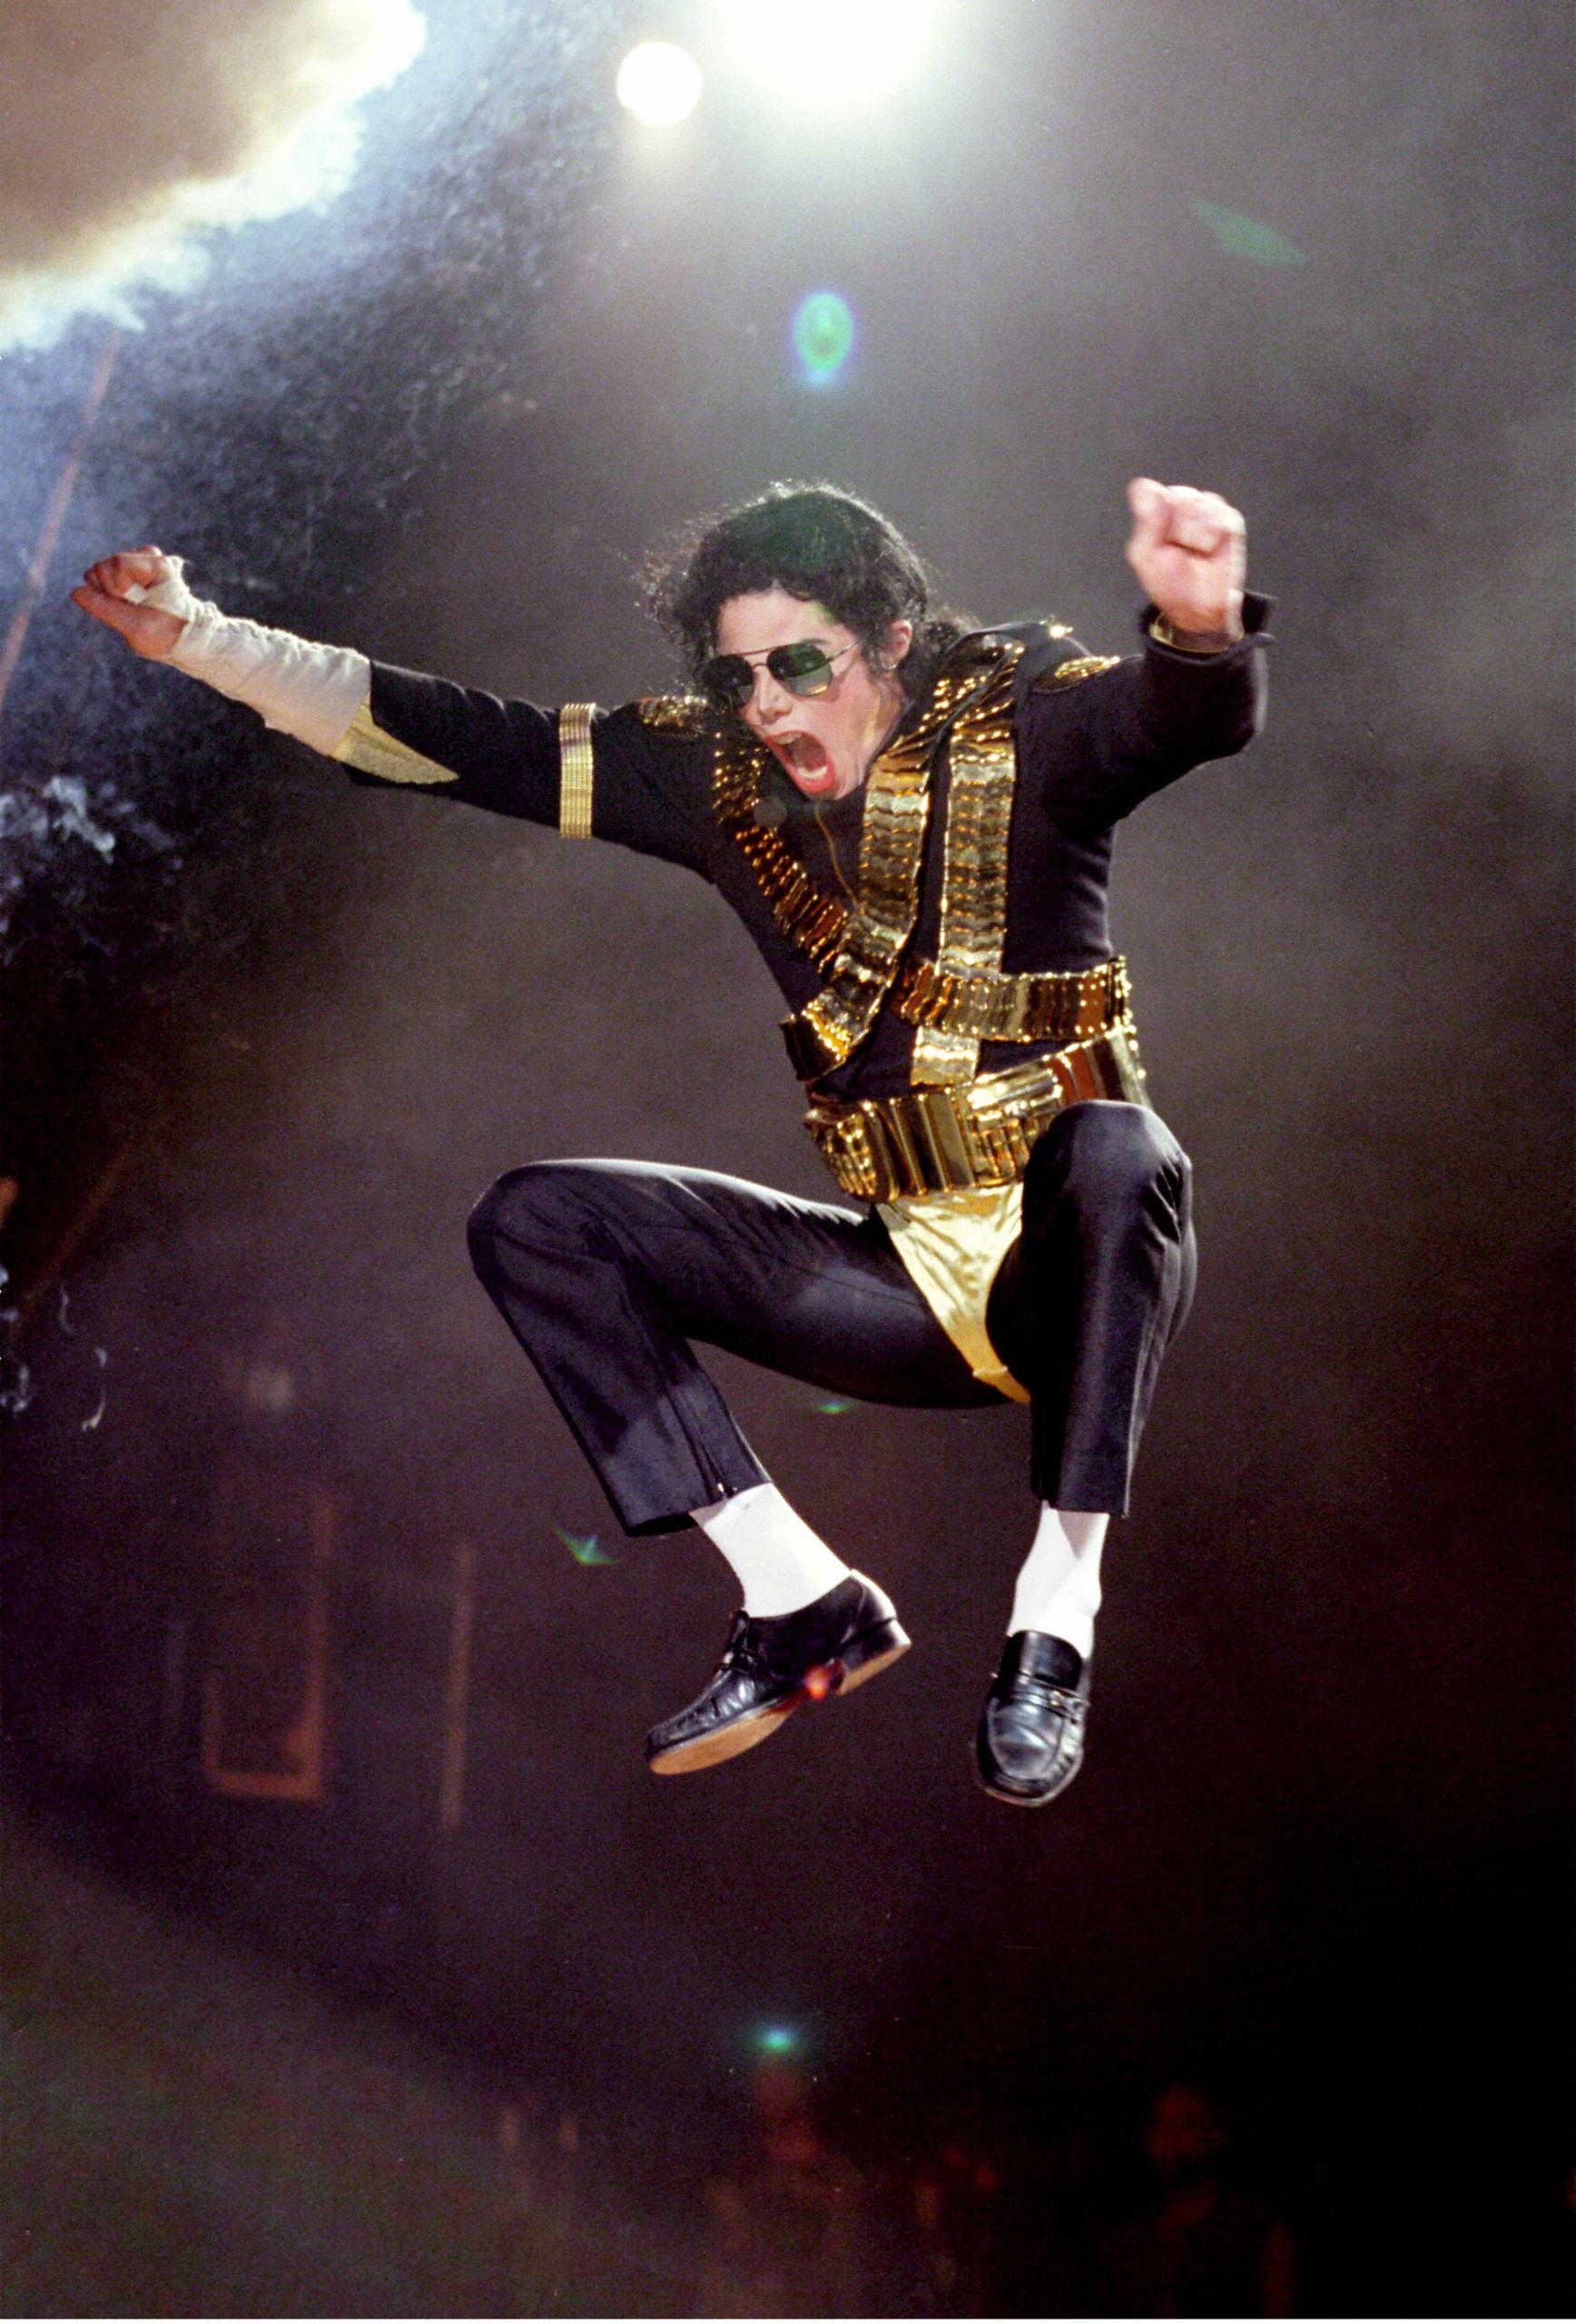 Dangerous-Tour-michael-jackson-7627163-1736-2560